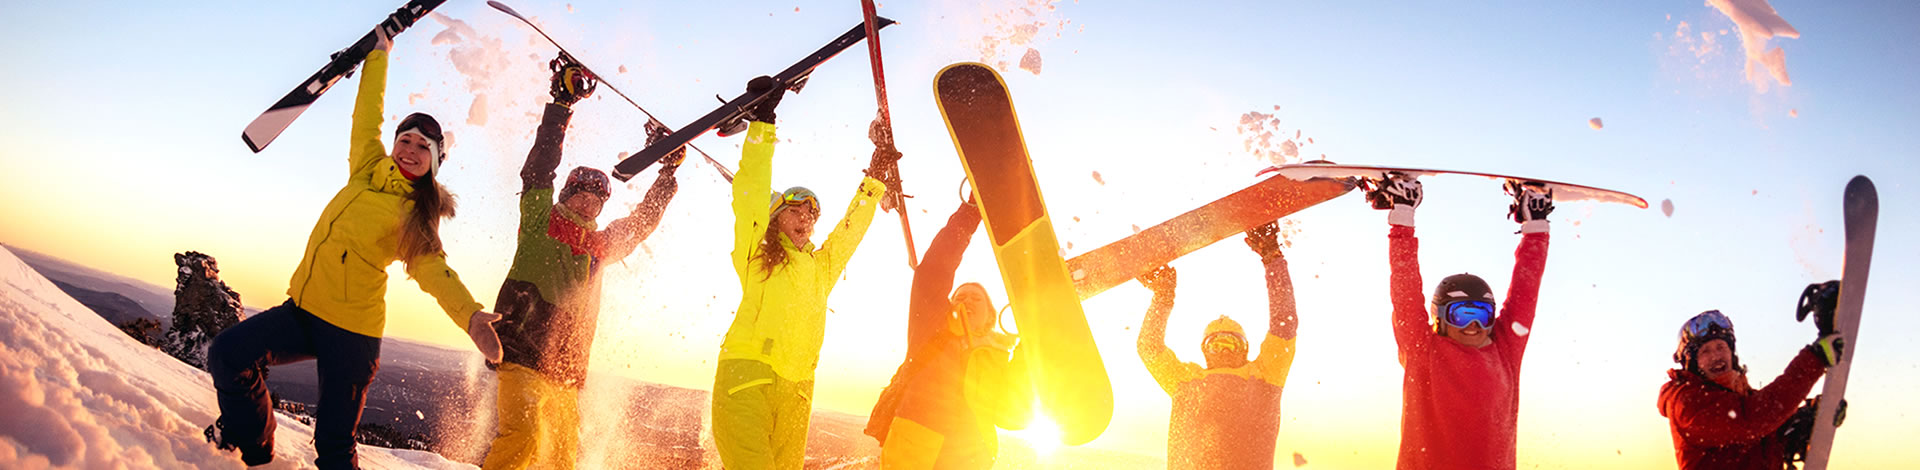 Ski mieten oder kaufen